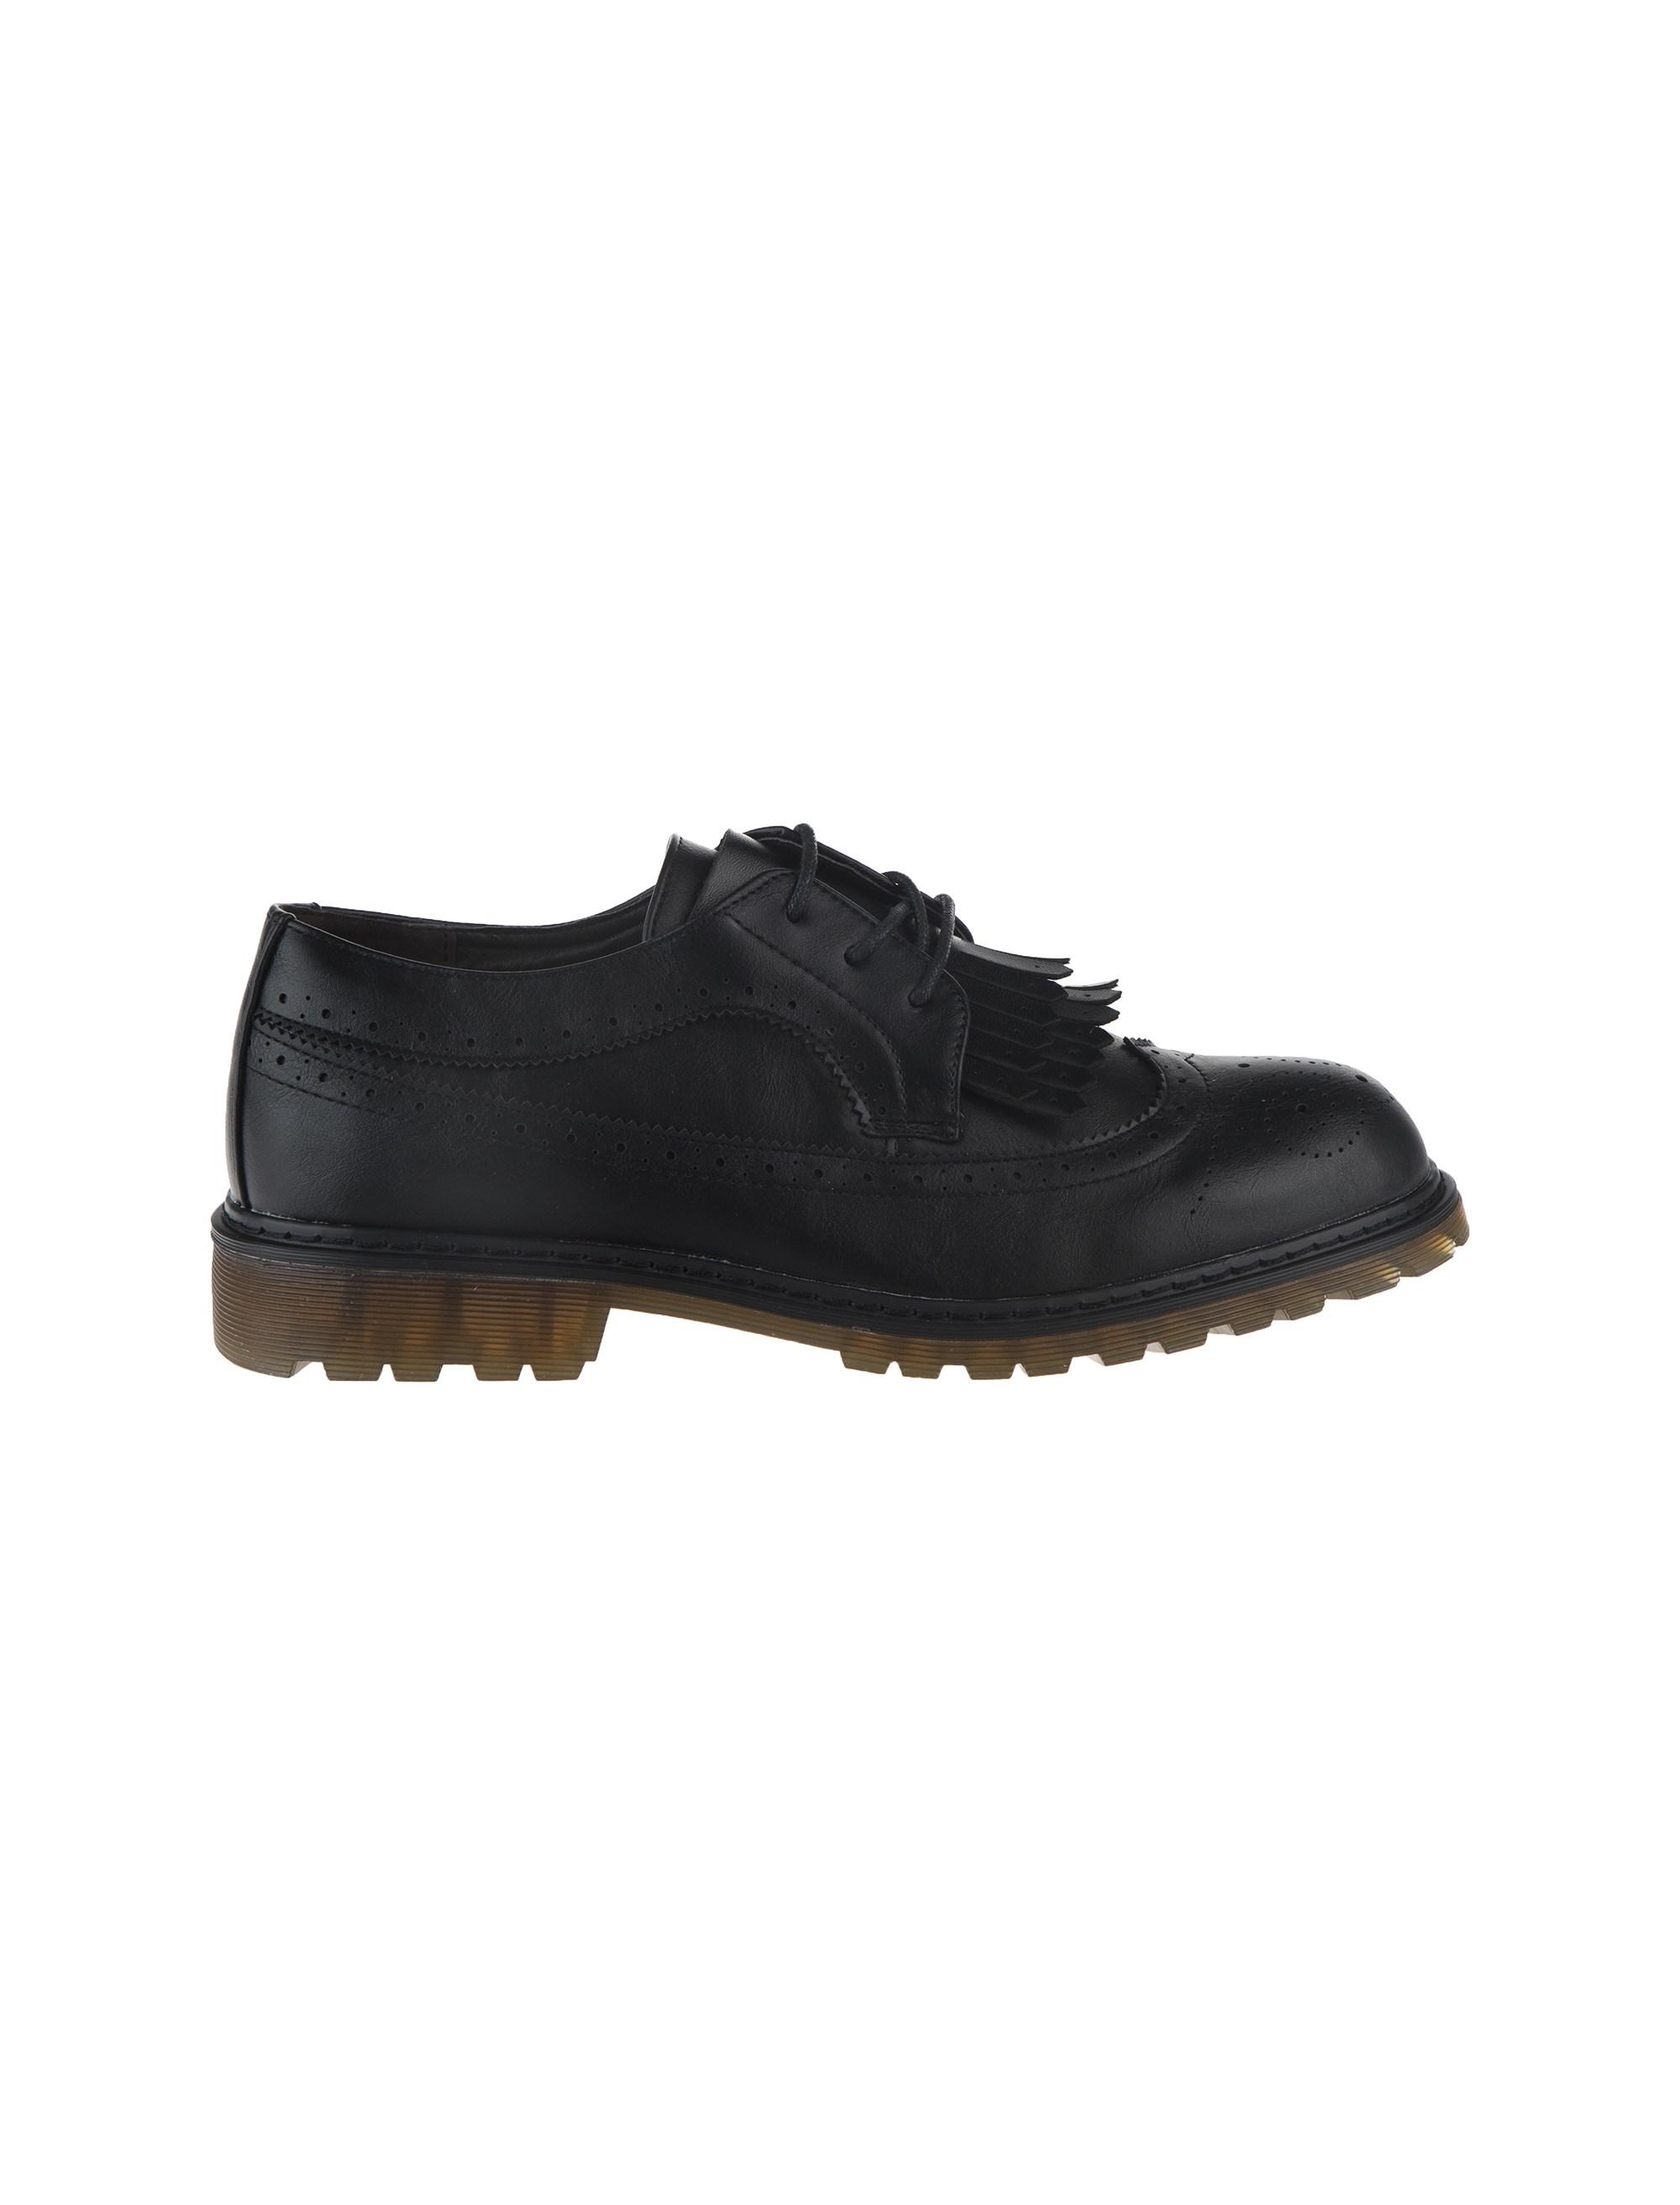 کفش اداری مردانه - گرادلا